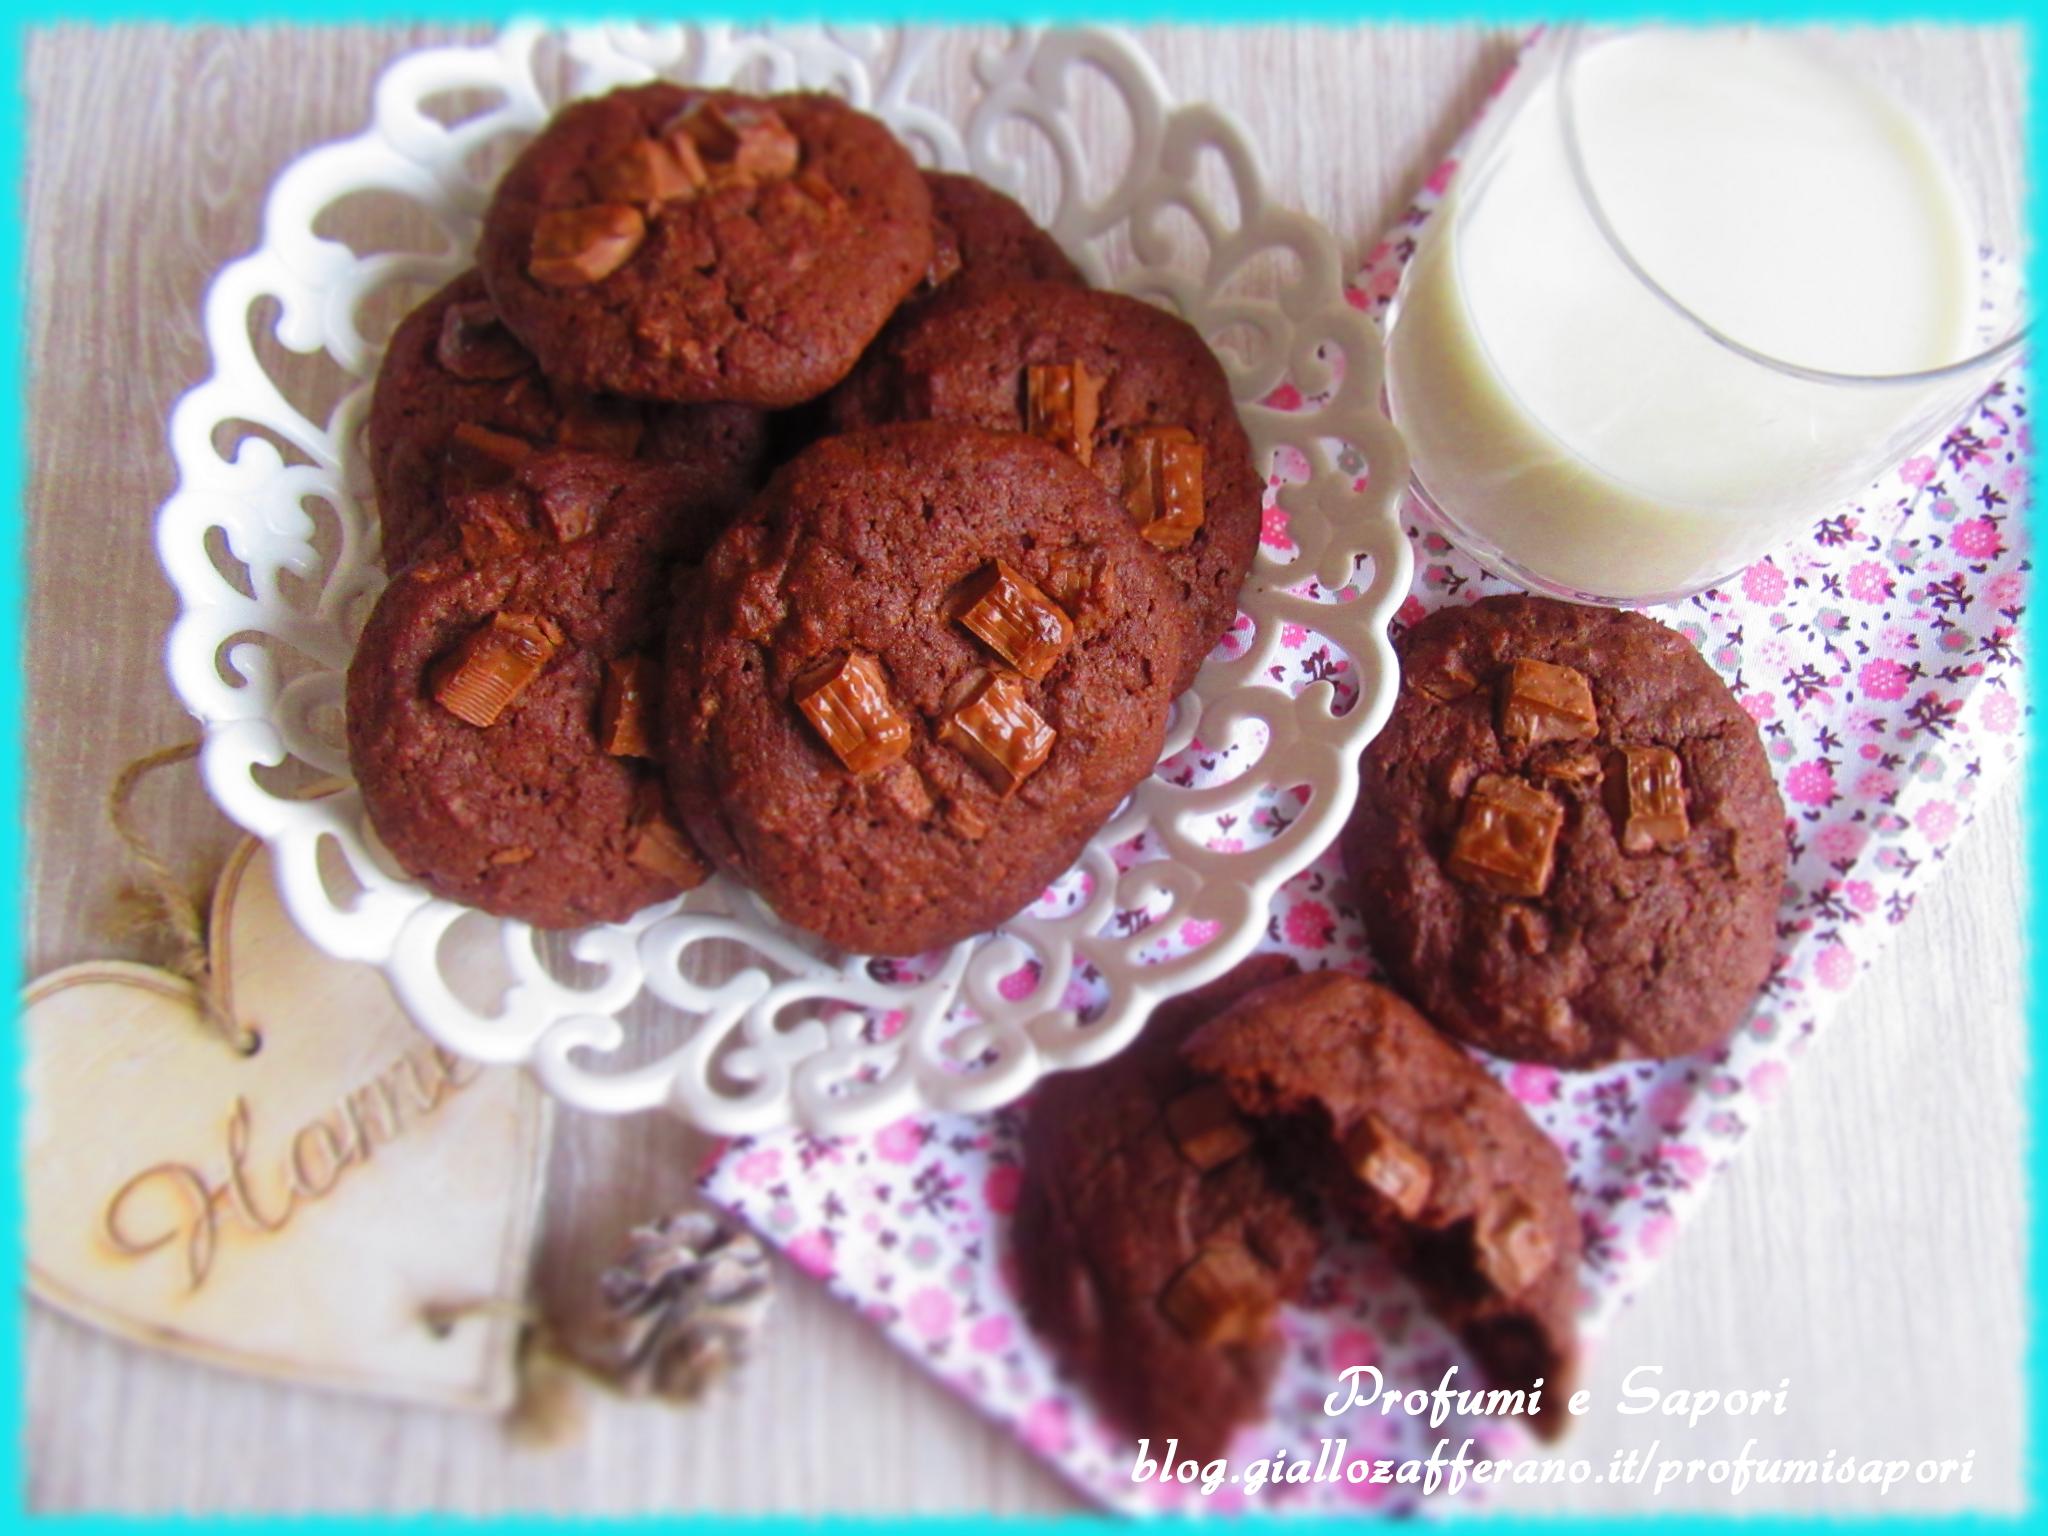 cookies al cicocolato al latte